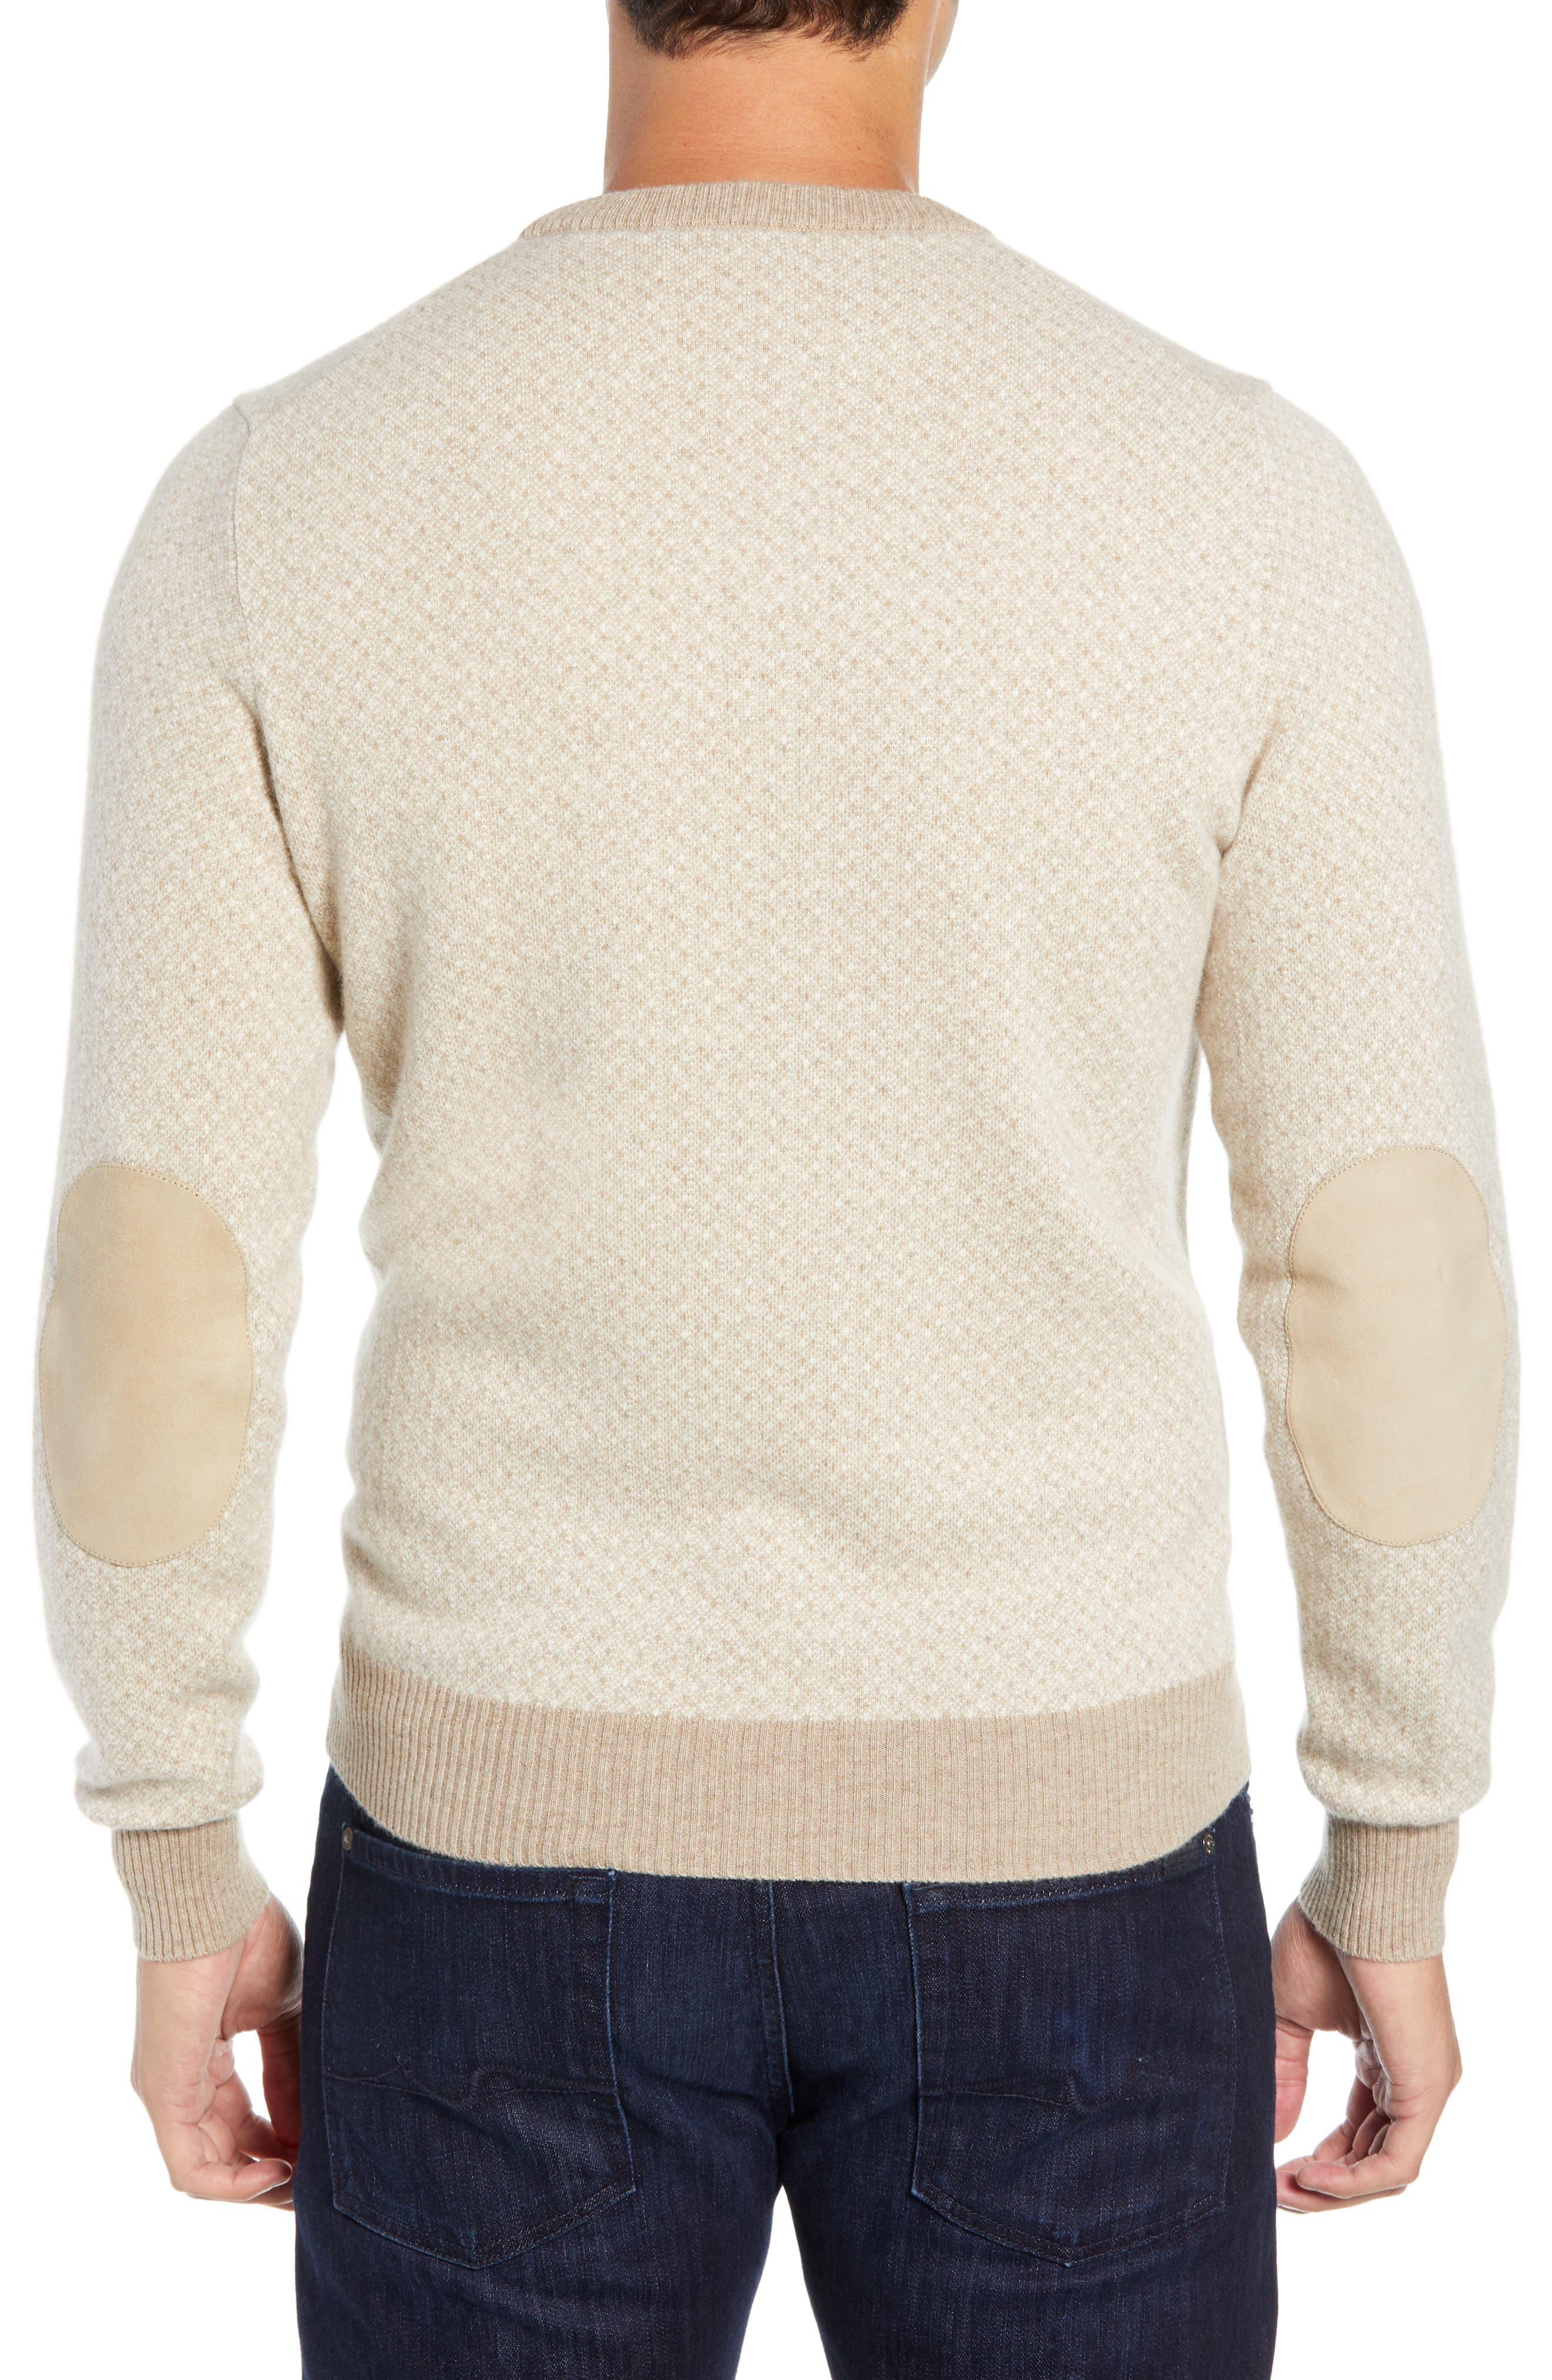 Crewneck Cashmere Sweater,                             Alternate thumbnail 2, color,                             BEIGE